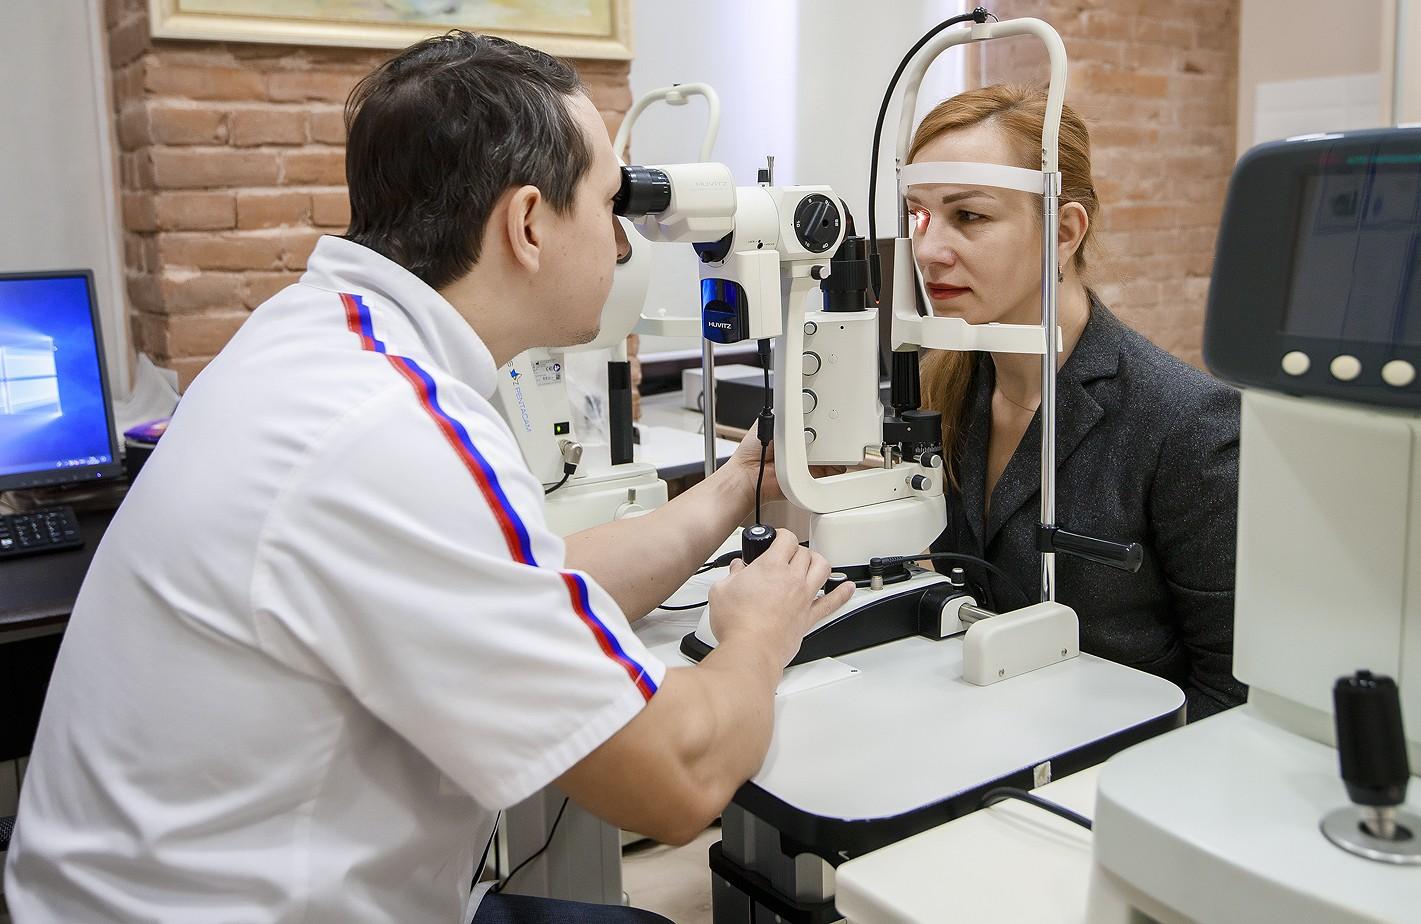 В Арсеньеве прошла благотворительная акция «50 % скидка на первичное комплексное диагностическое обследование»